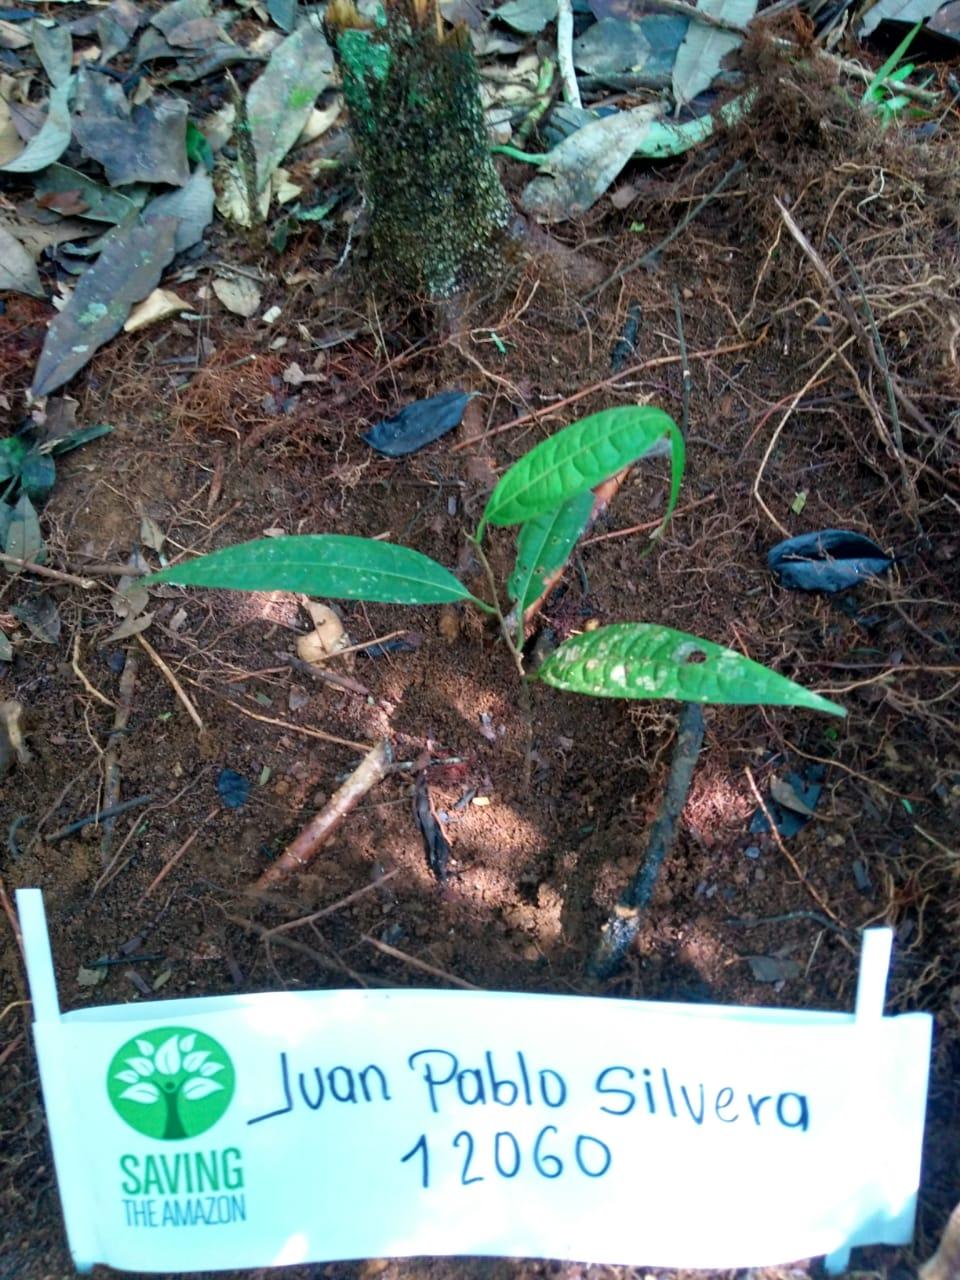 Juan Pablo Silvera